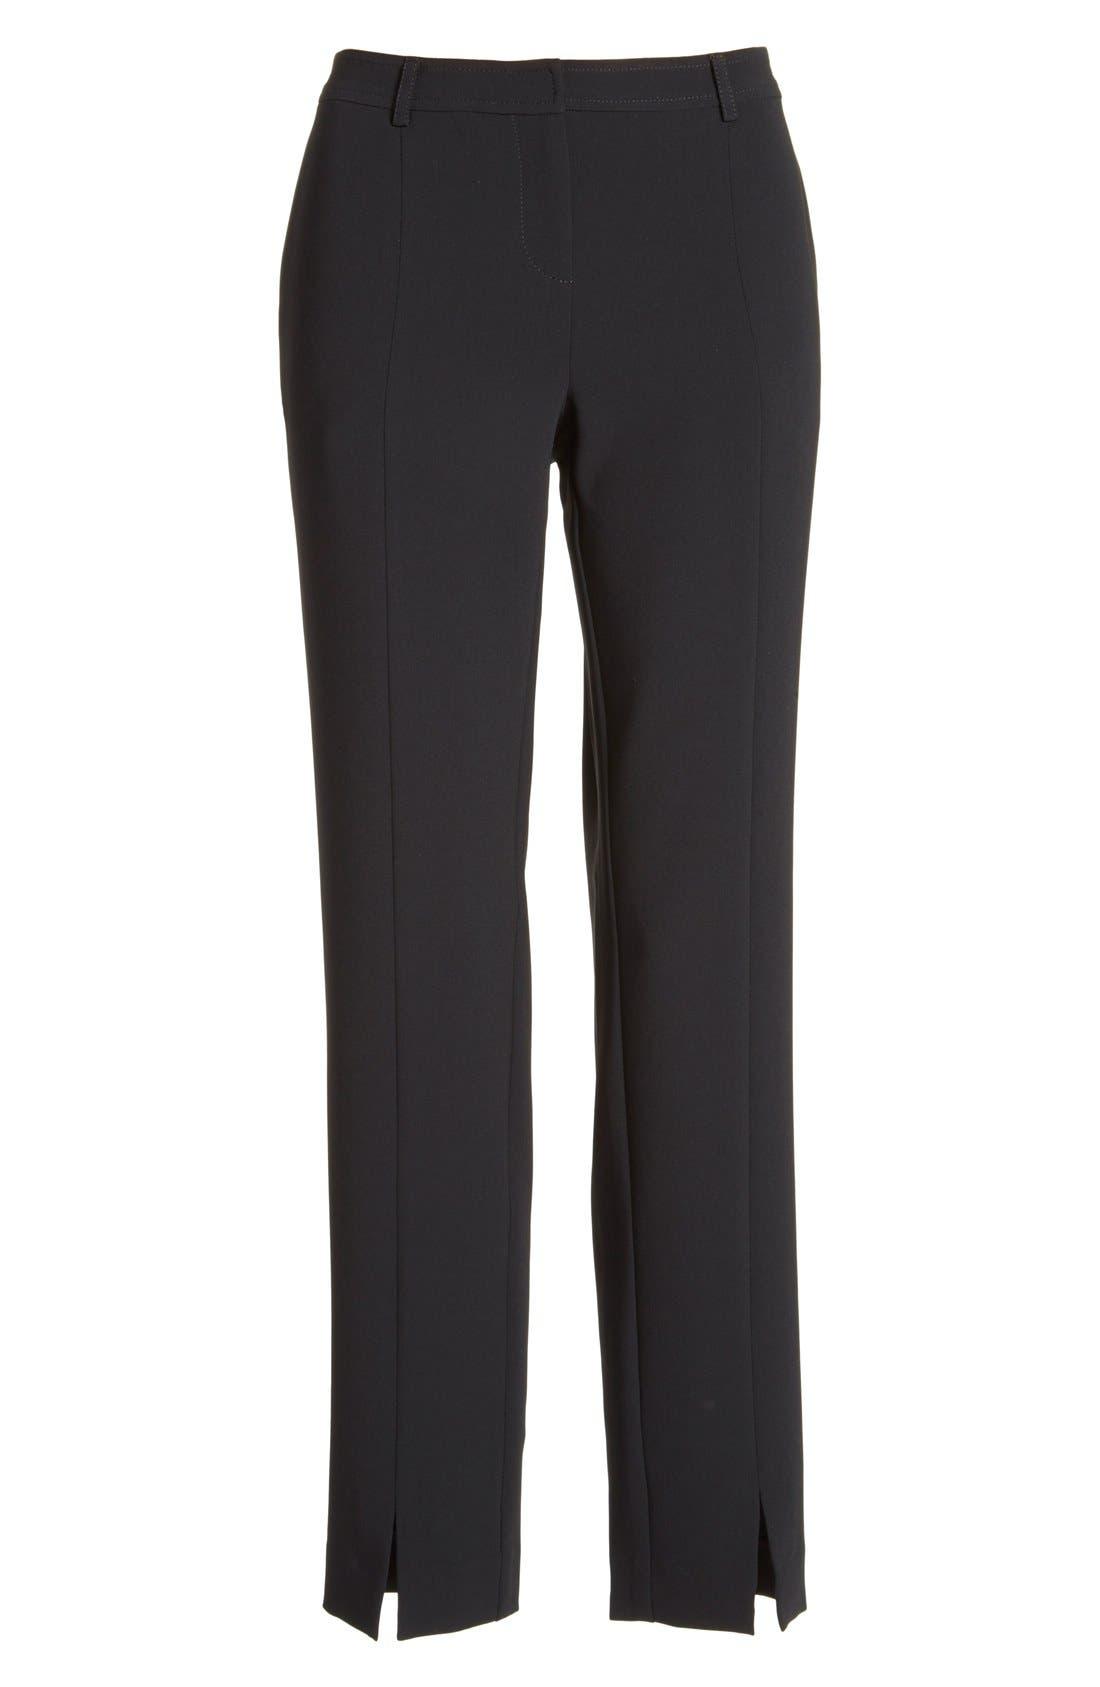 'Jennifer' Crepe Marocain Ankle Pants,                             Alternate thumbnail 4, color,                             Caviar